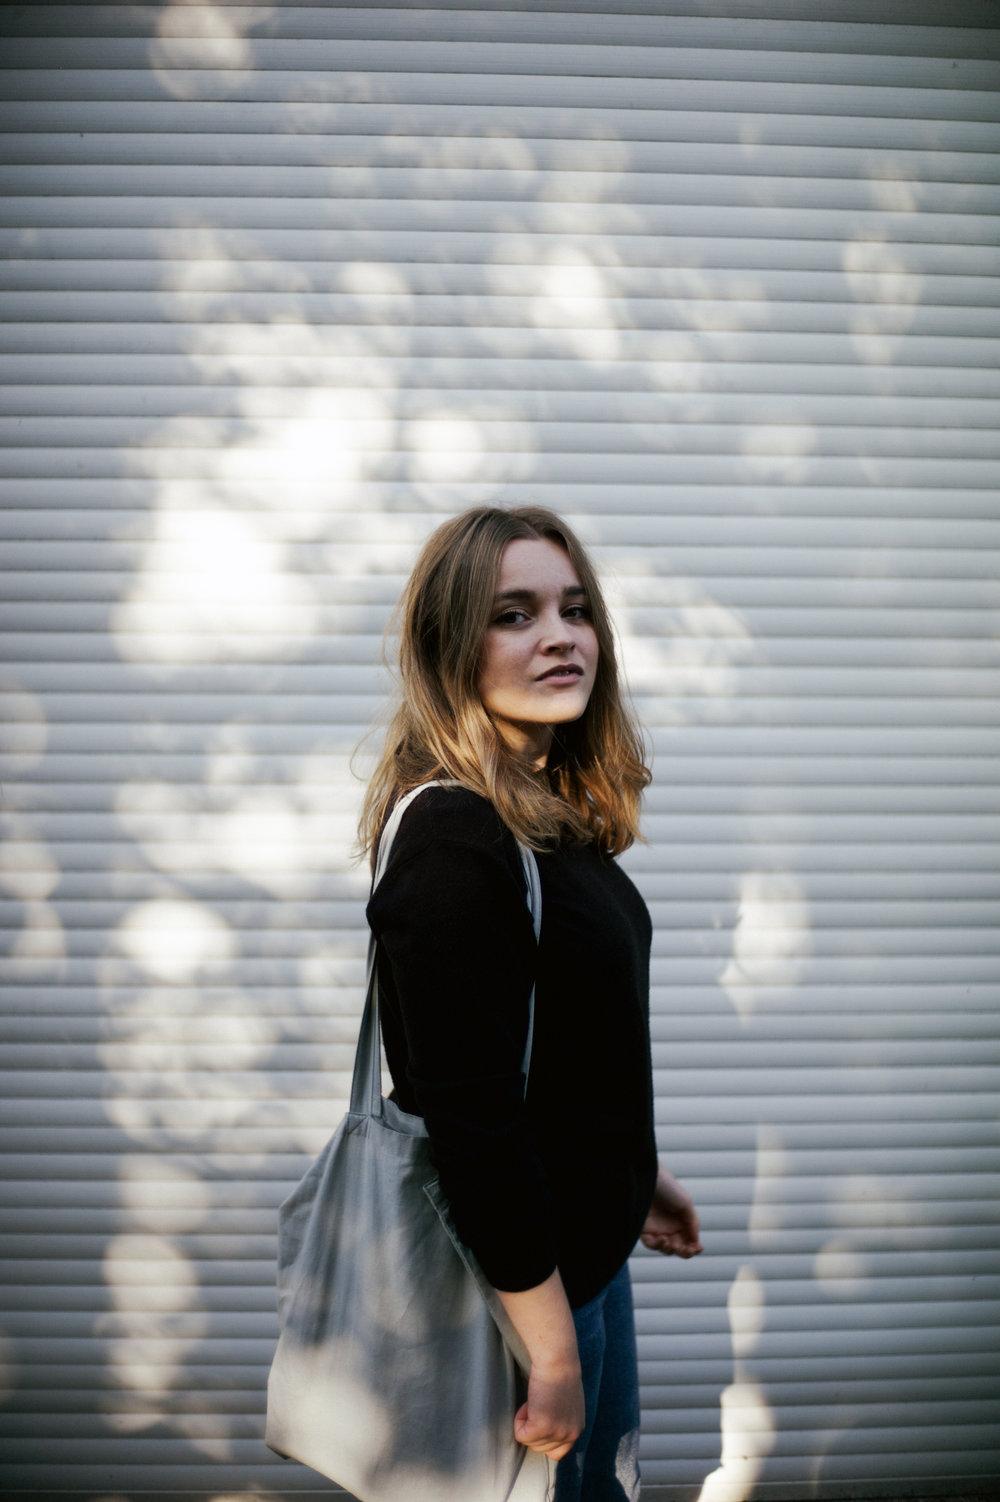 Natalie Stubbs